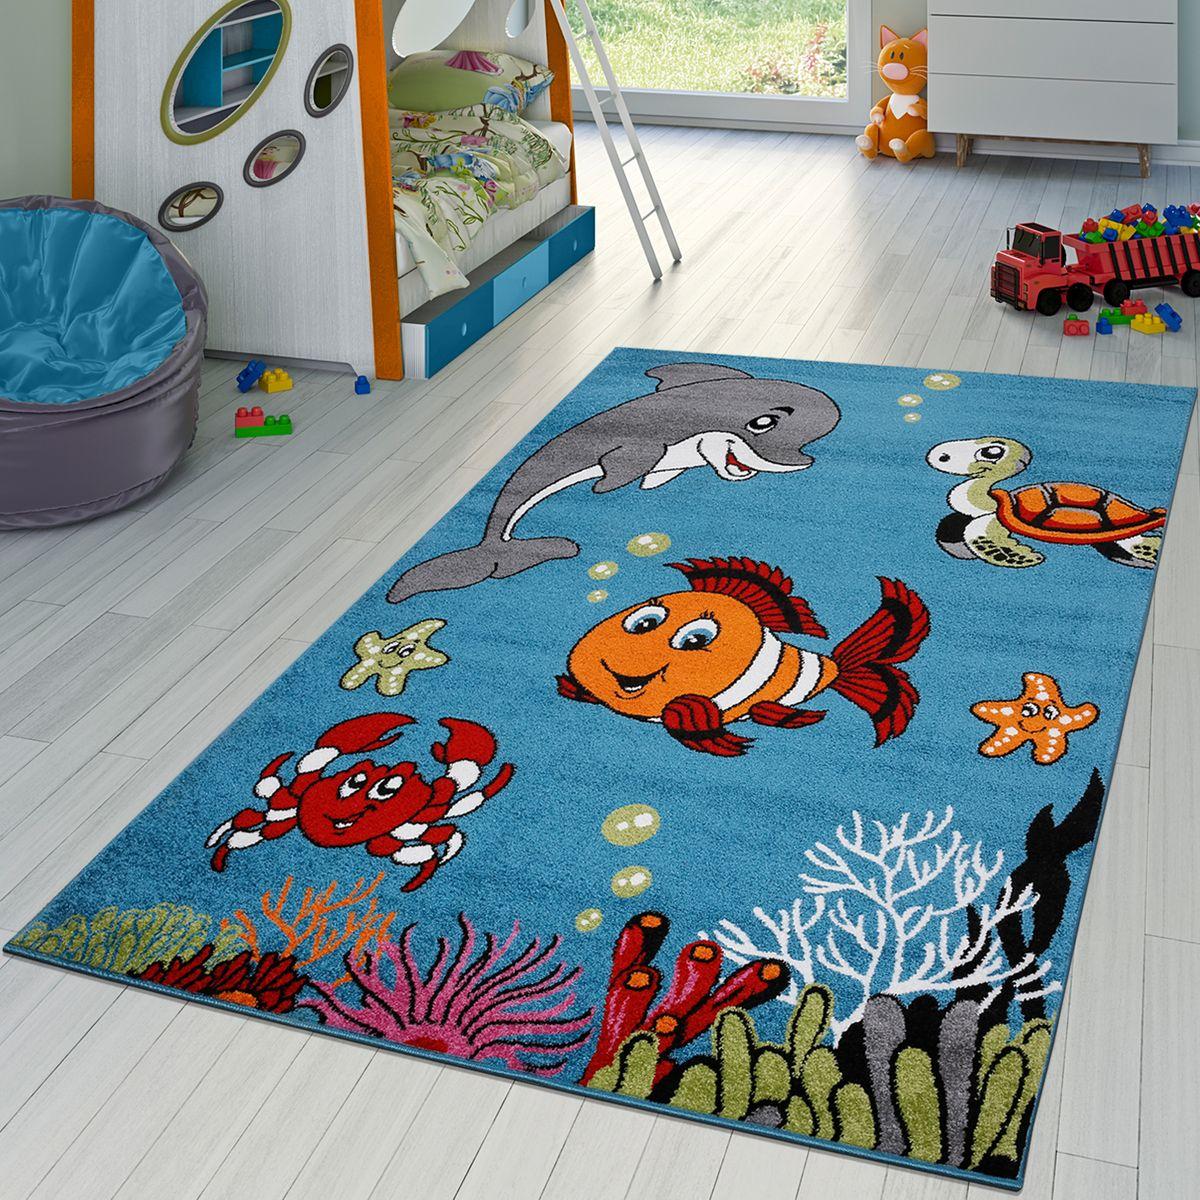 Full Size of Regale Kinderzimmer Regal Wohnzimmer Teppiche Sofa Weiß Kinderzimmer Teppiche Kinderzimmer